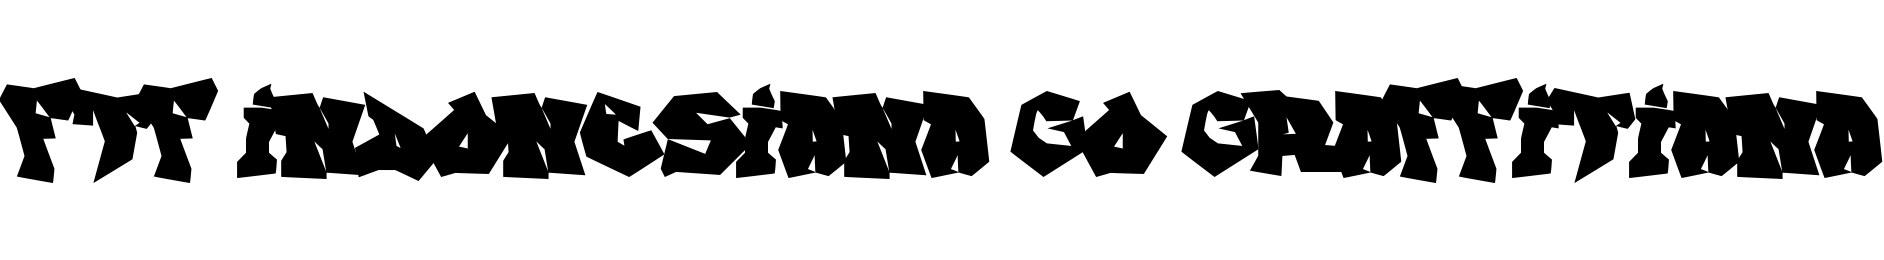 FTF Indonesiana Go Graffitiana